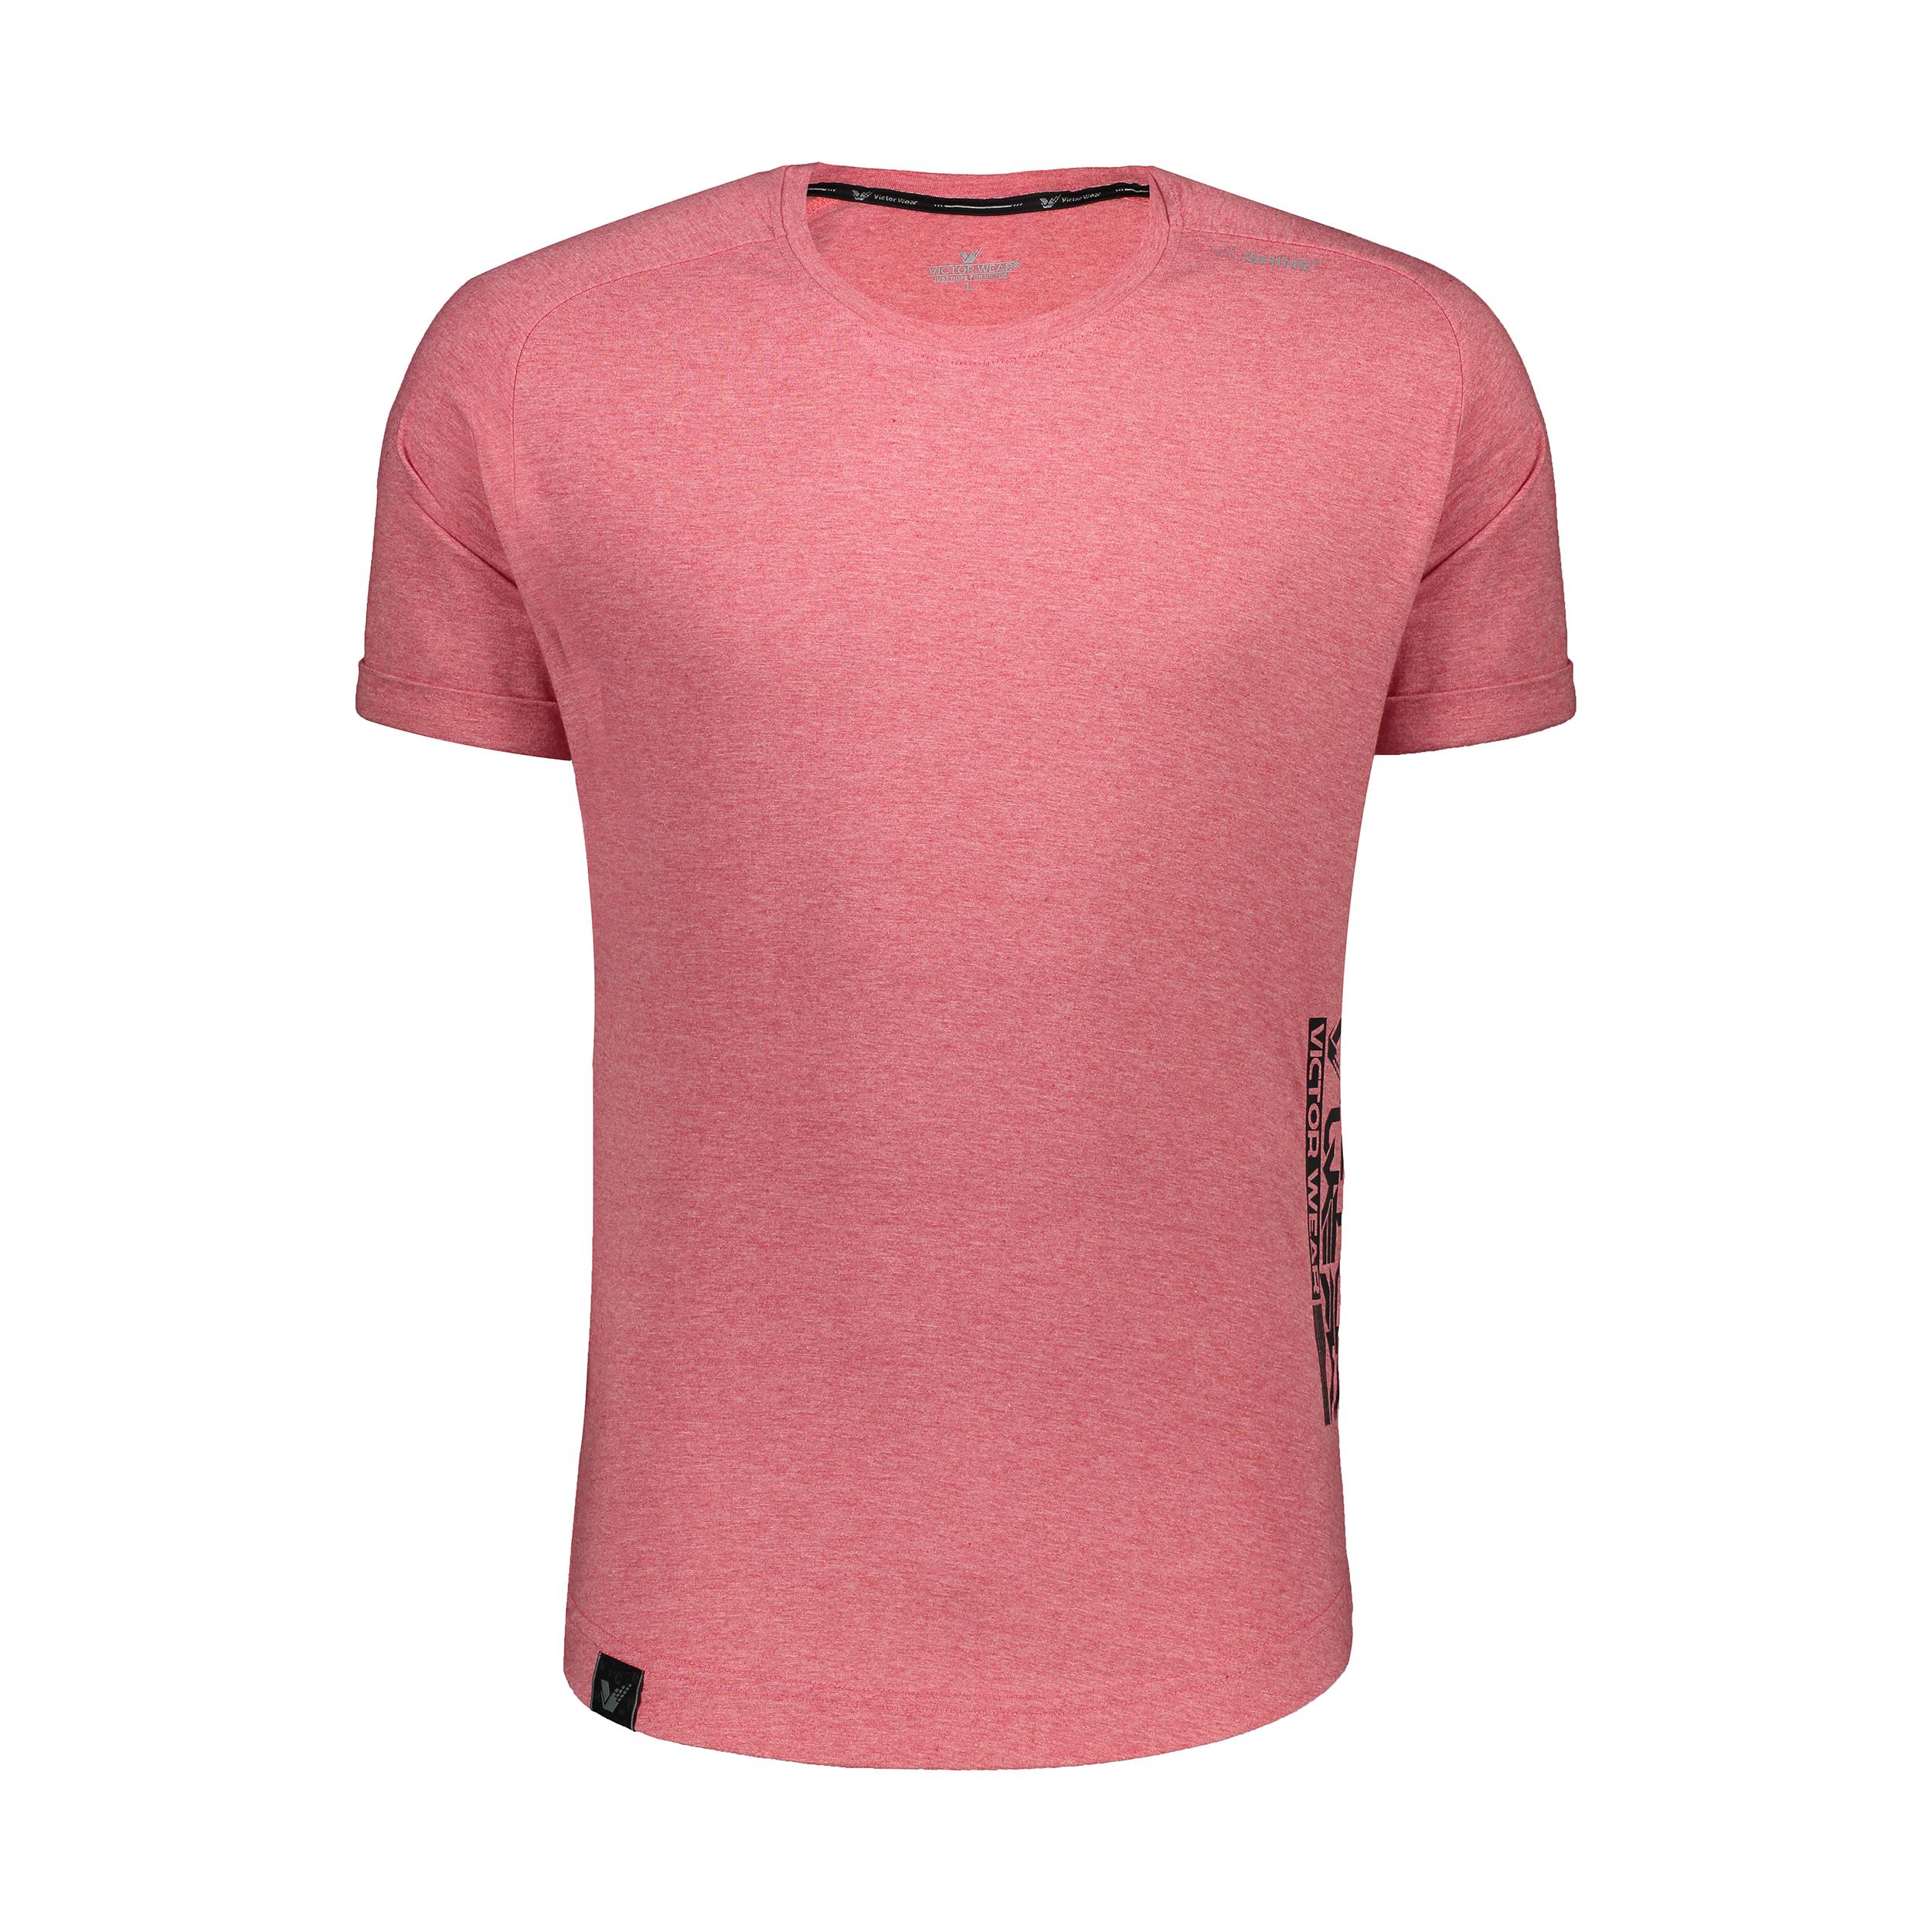 تیشرت آستین کوتاه مردانه طرح اسکلت کد R71